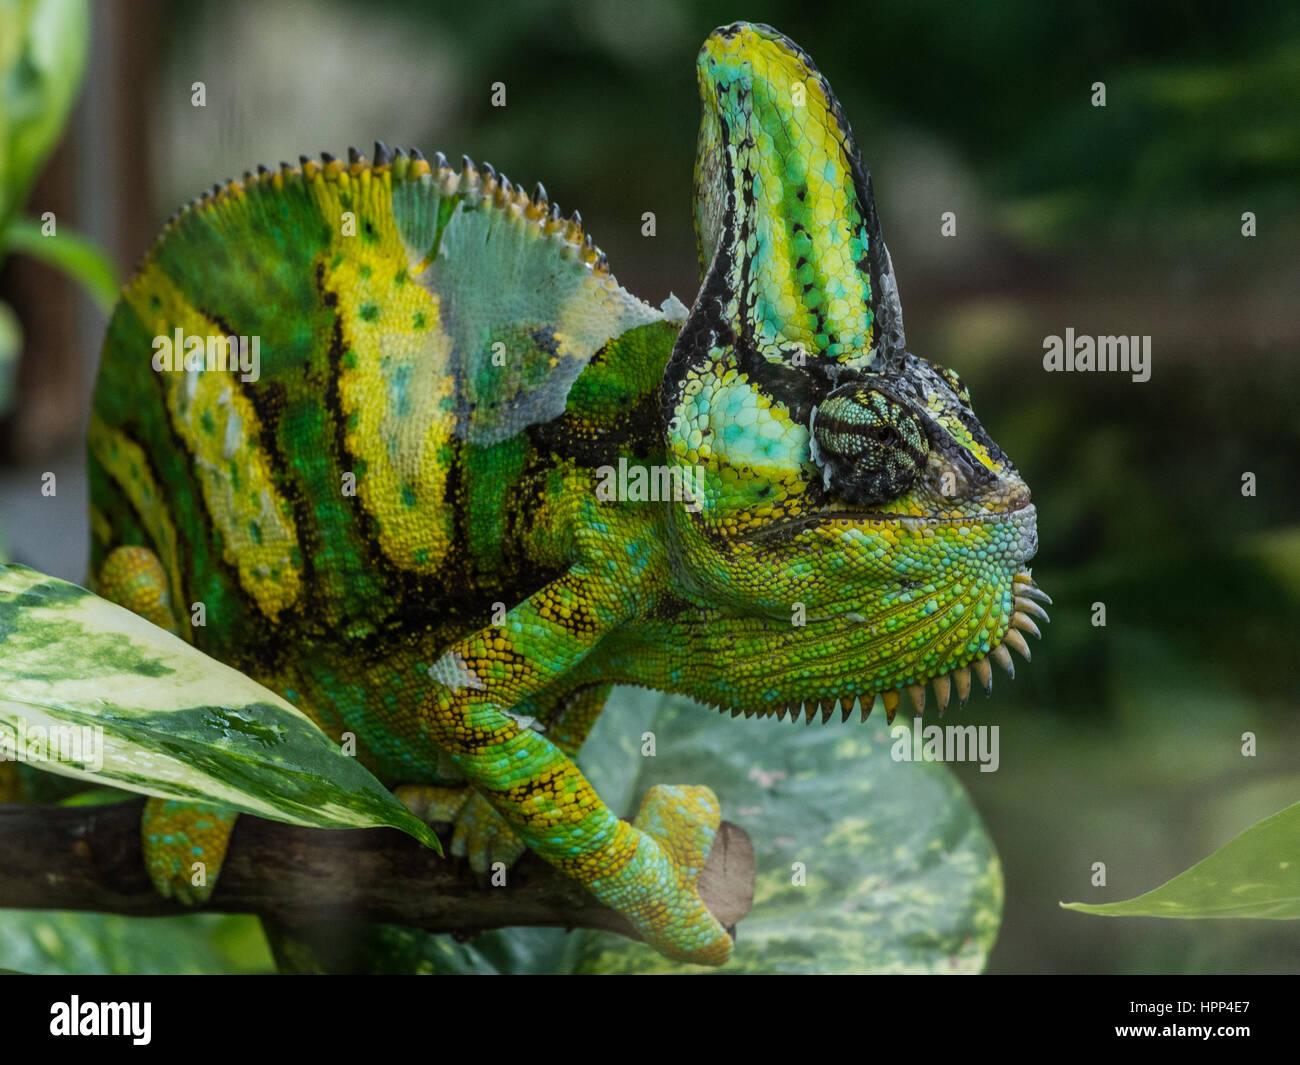 Big Chameleon ergibt sich aus den grünen Blättern des Baumes, Porträt Chameleon Lizard oder Chamaeleon Stockbild